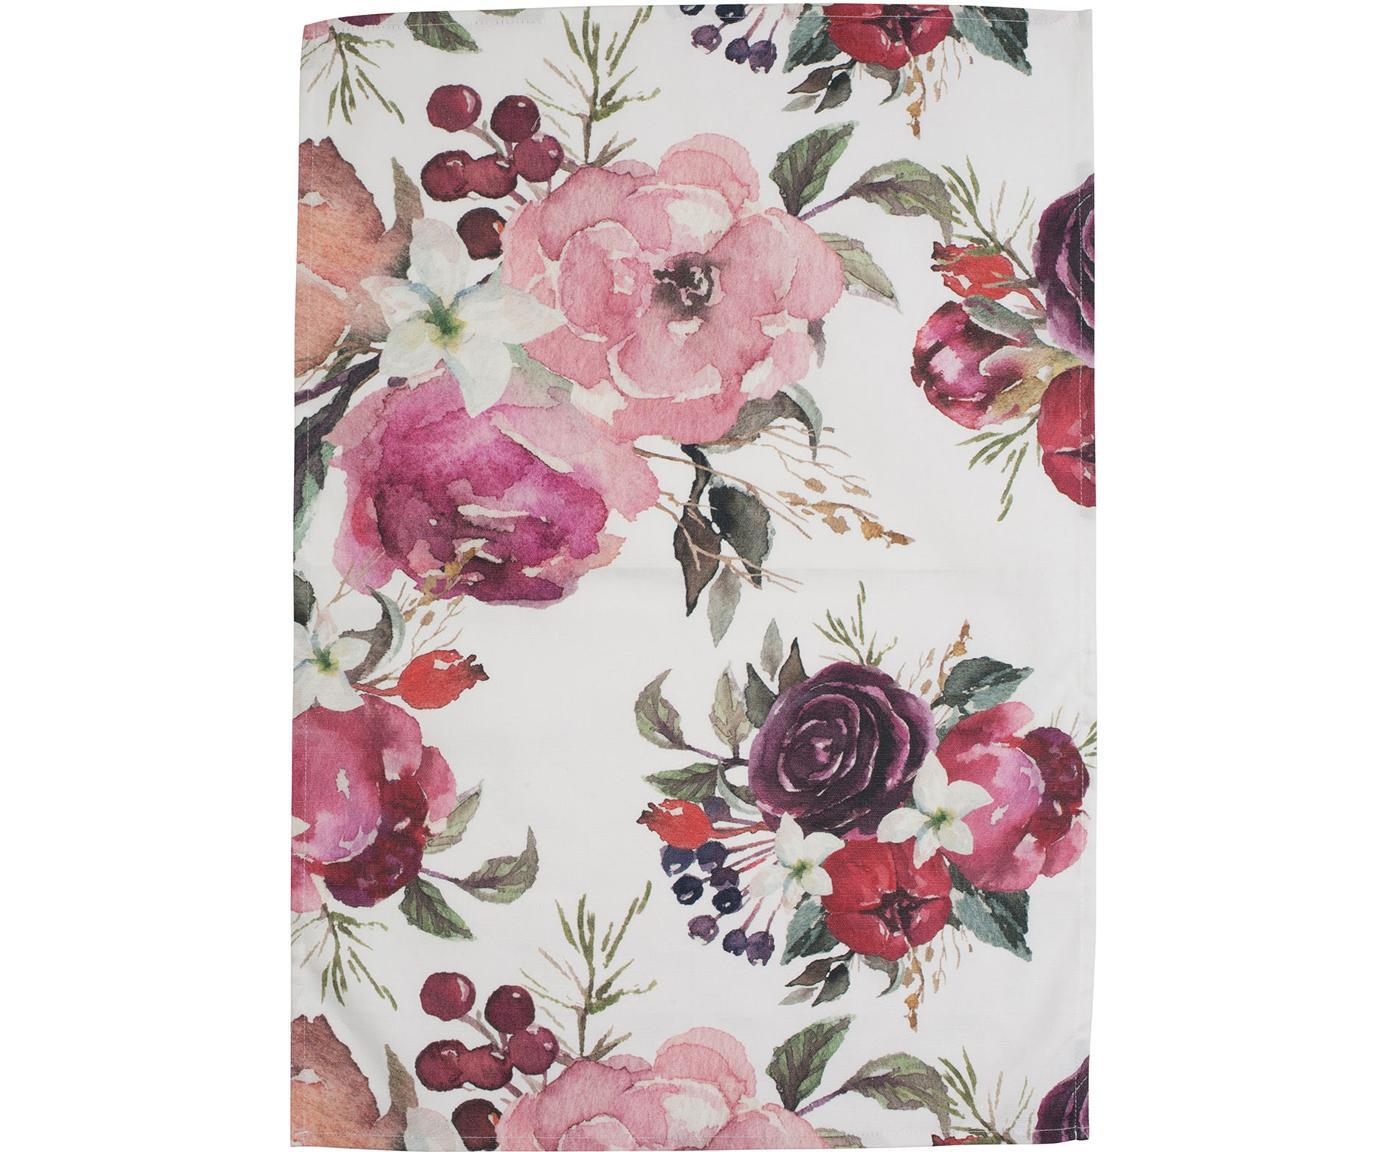 Geschirrtücher Florisia mit Blumenmuster, 2 Stück, Baumwolle, Rosa, Weiß, 50 x 70 cm